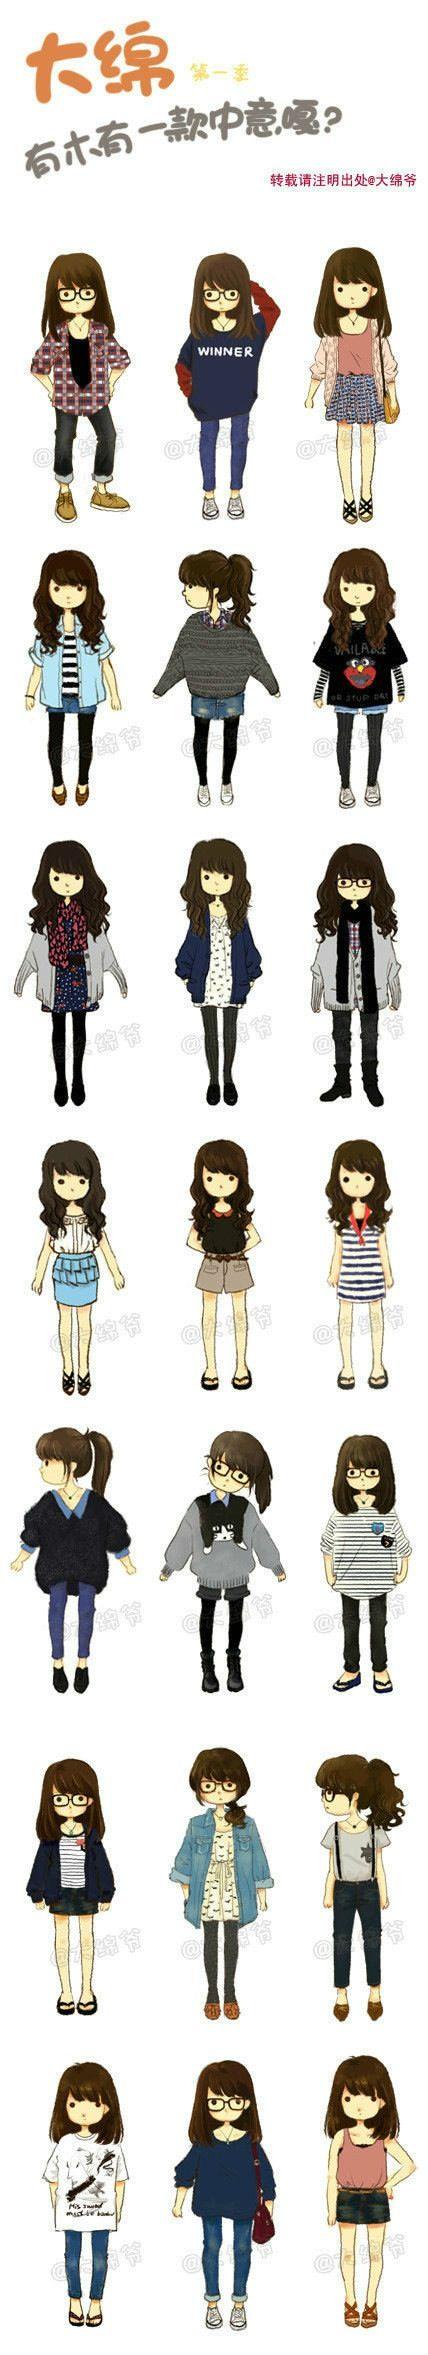 This is so cute! #cute #kawaii #outfits